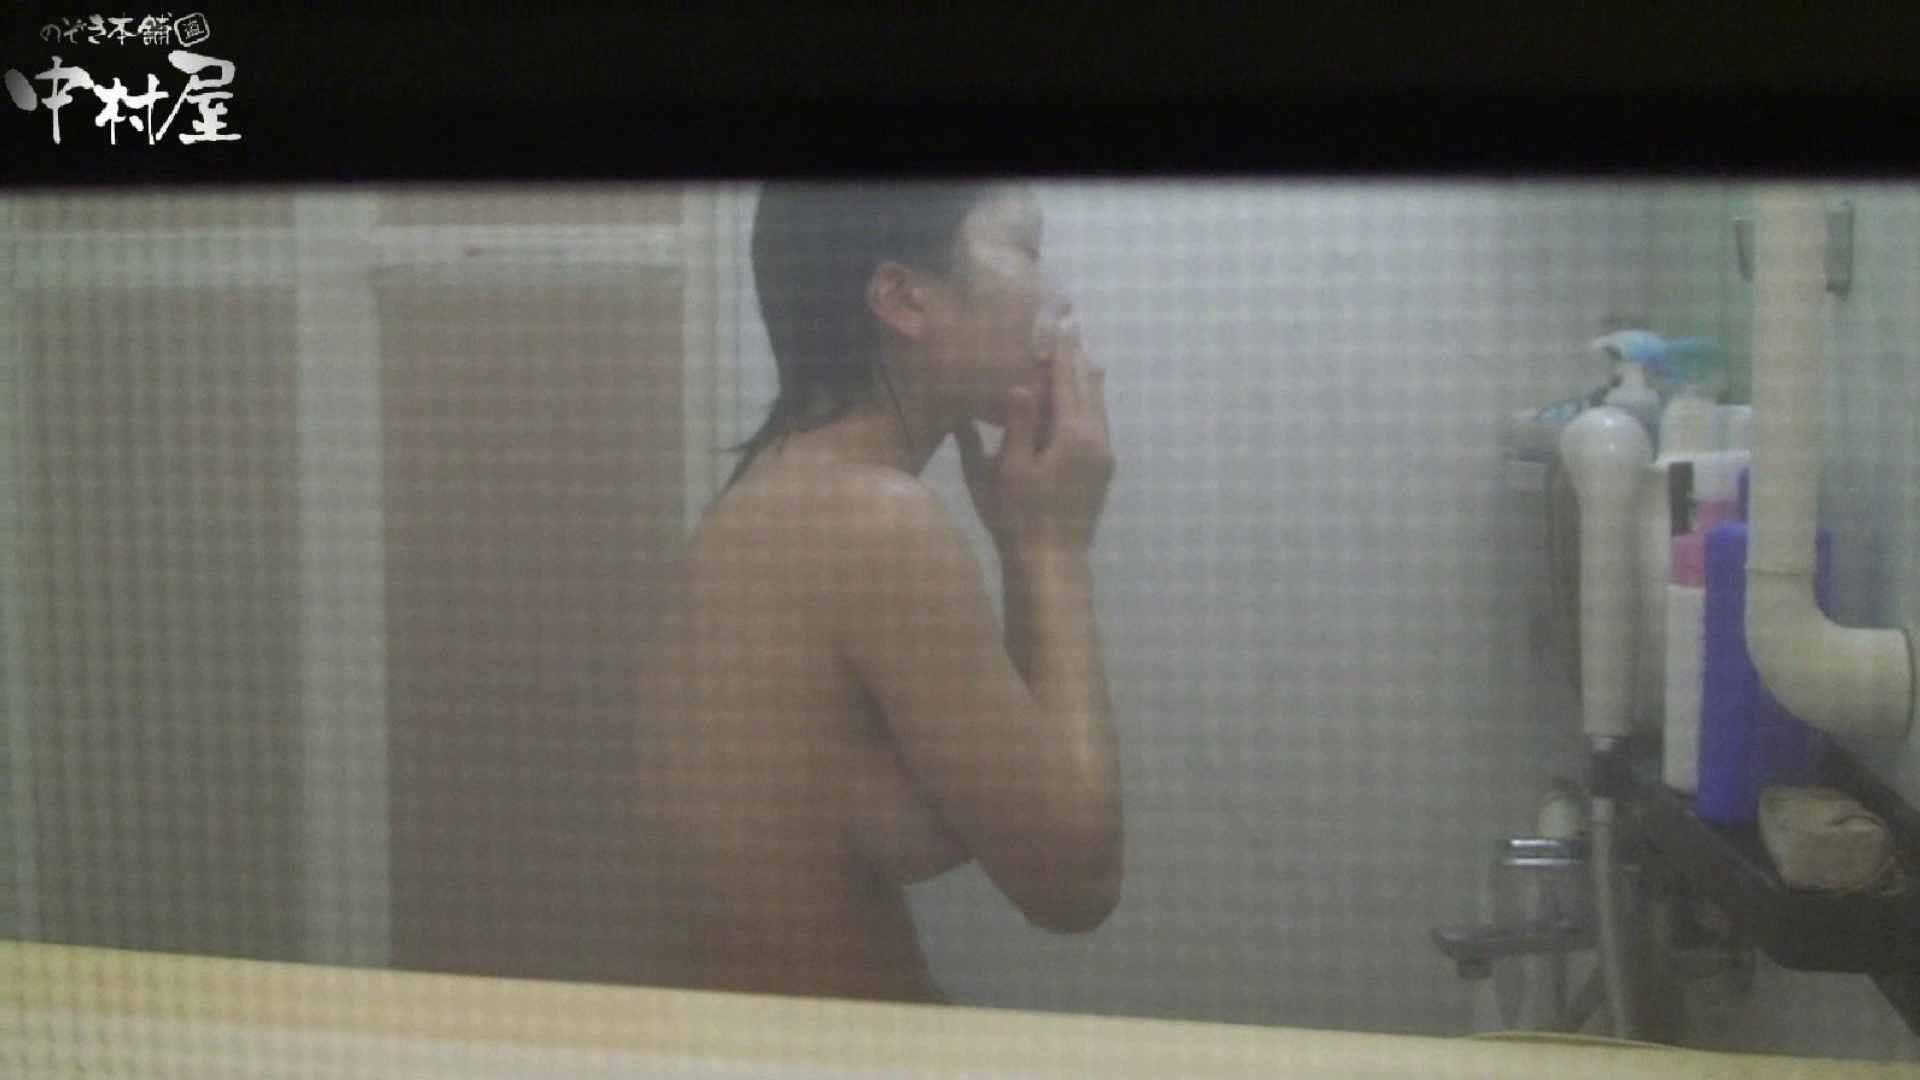 民家風呂専門盗撮師の超危険映像 vol.027 美女丸裸 盗み撮り動画キャプチャ 84pic 69